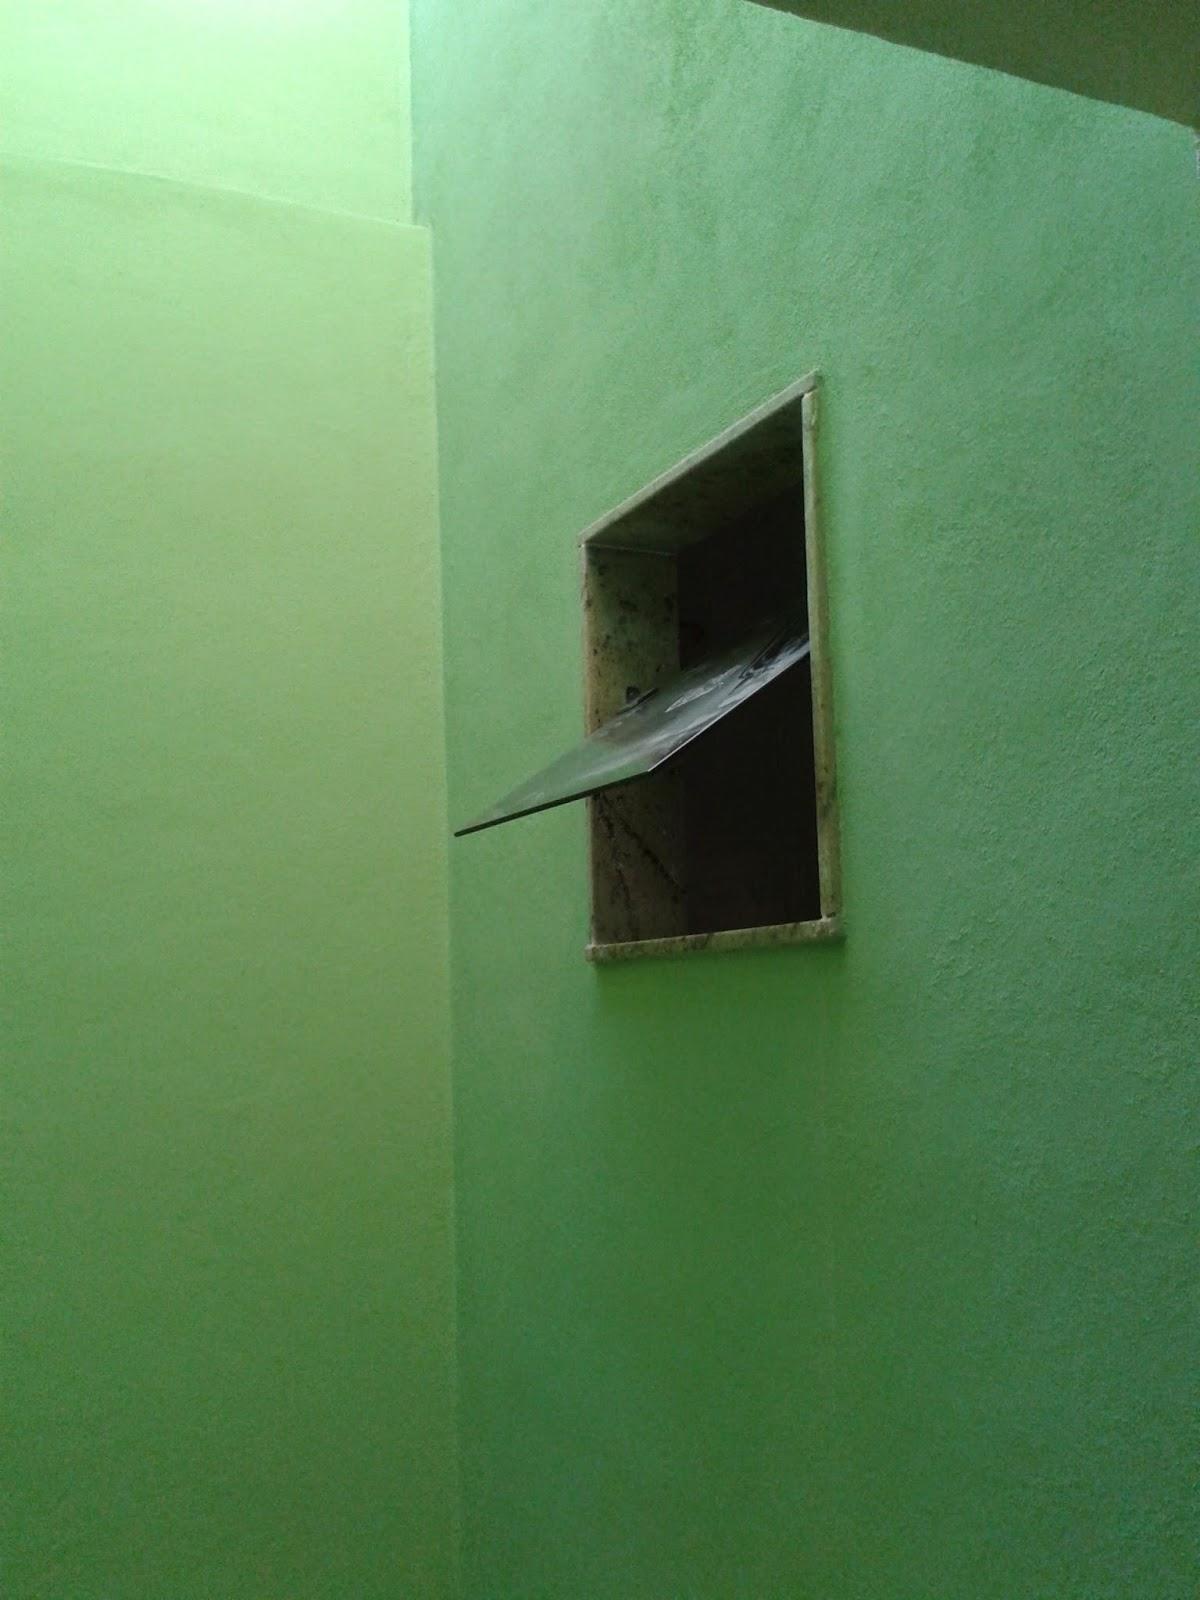 acabamento das janelas dos banheiros e da janela da cozinha  #13B813 1200x1600 Acabamento Janela Banheiro